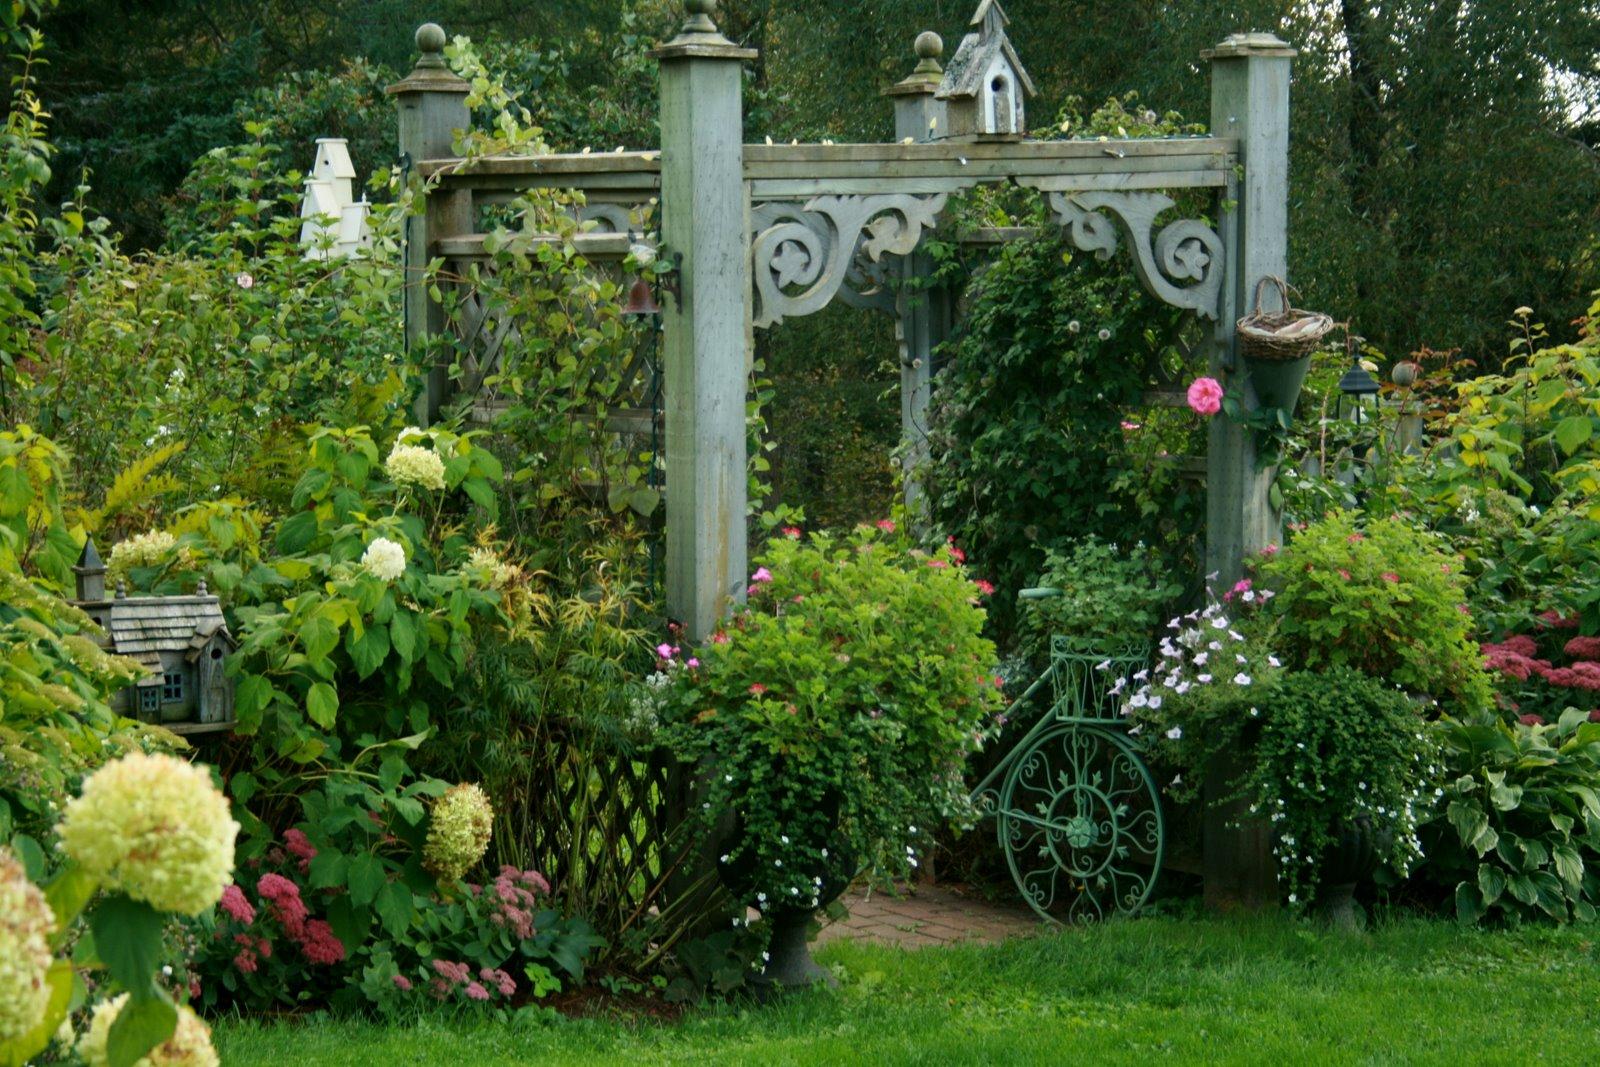 Paradis express aiken house gardens for Aiken house